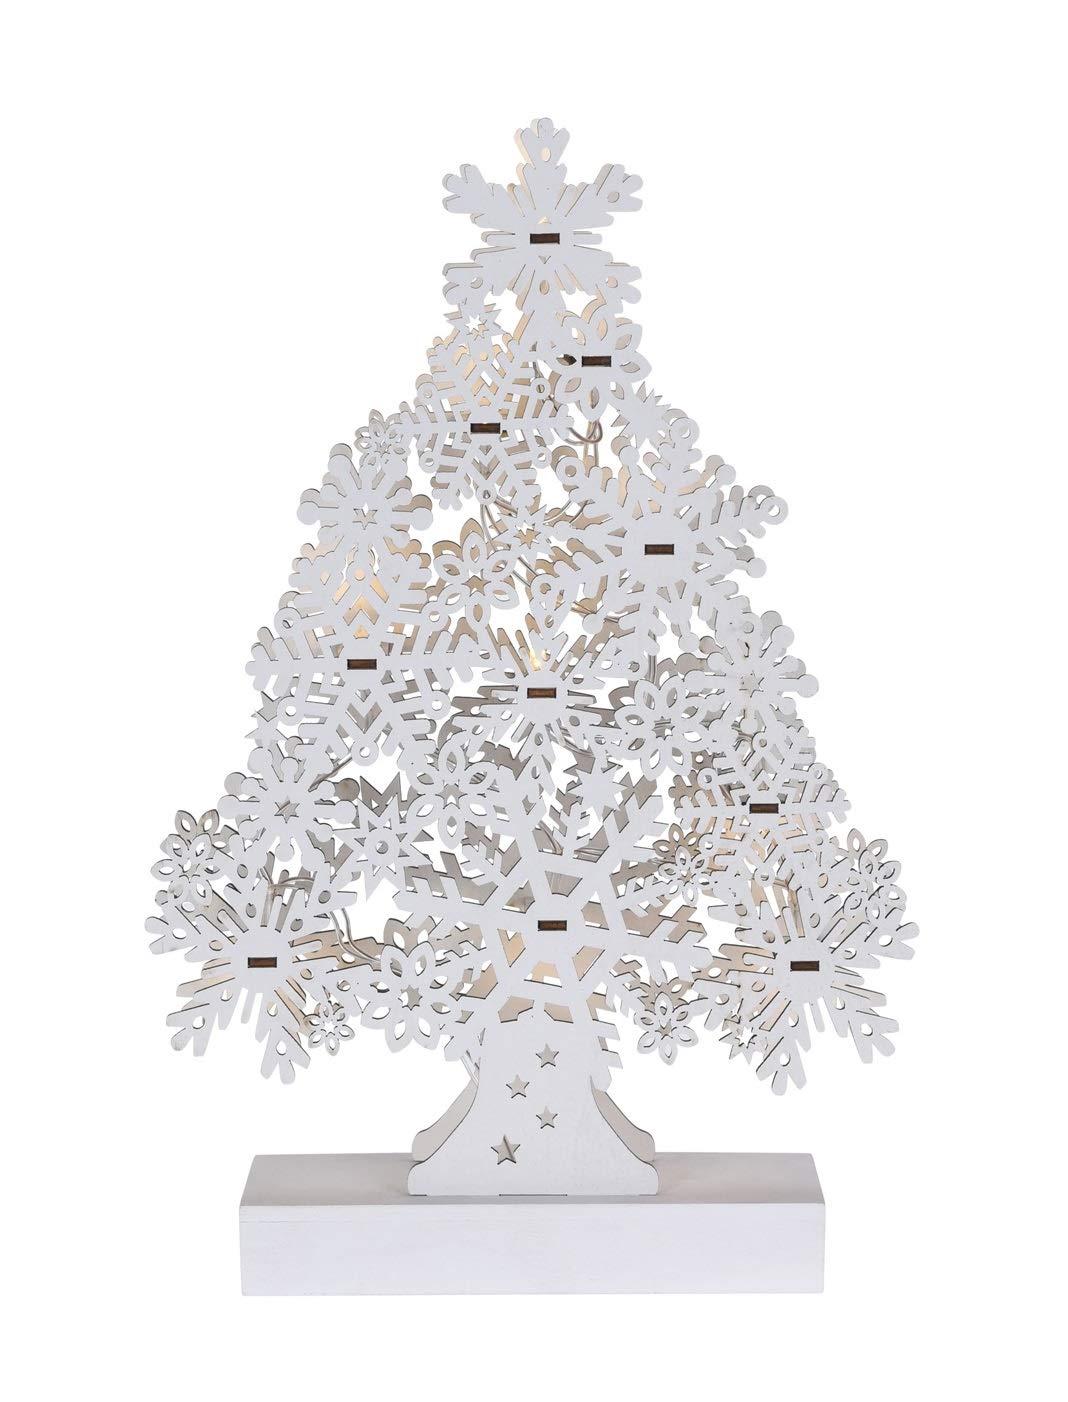 Tannenbaum Weiss Led.Meinposten Tannenbaum Weiß Holz Led Warmweiß H 33 Cm Weihnachtsbaum